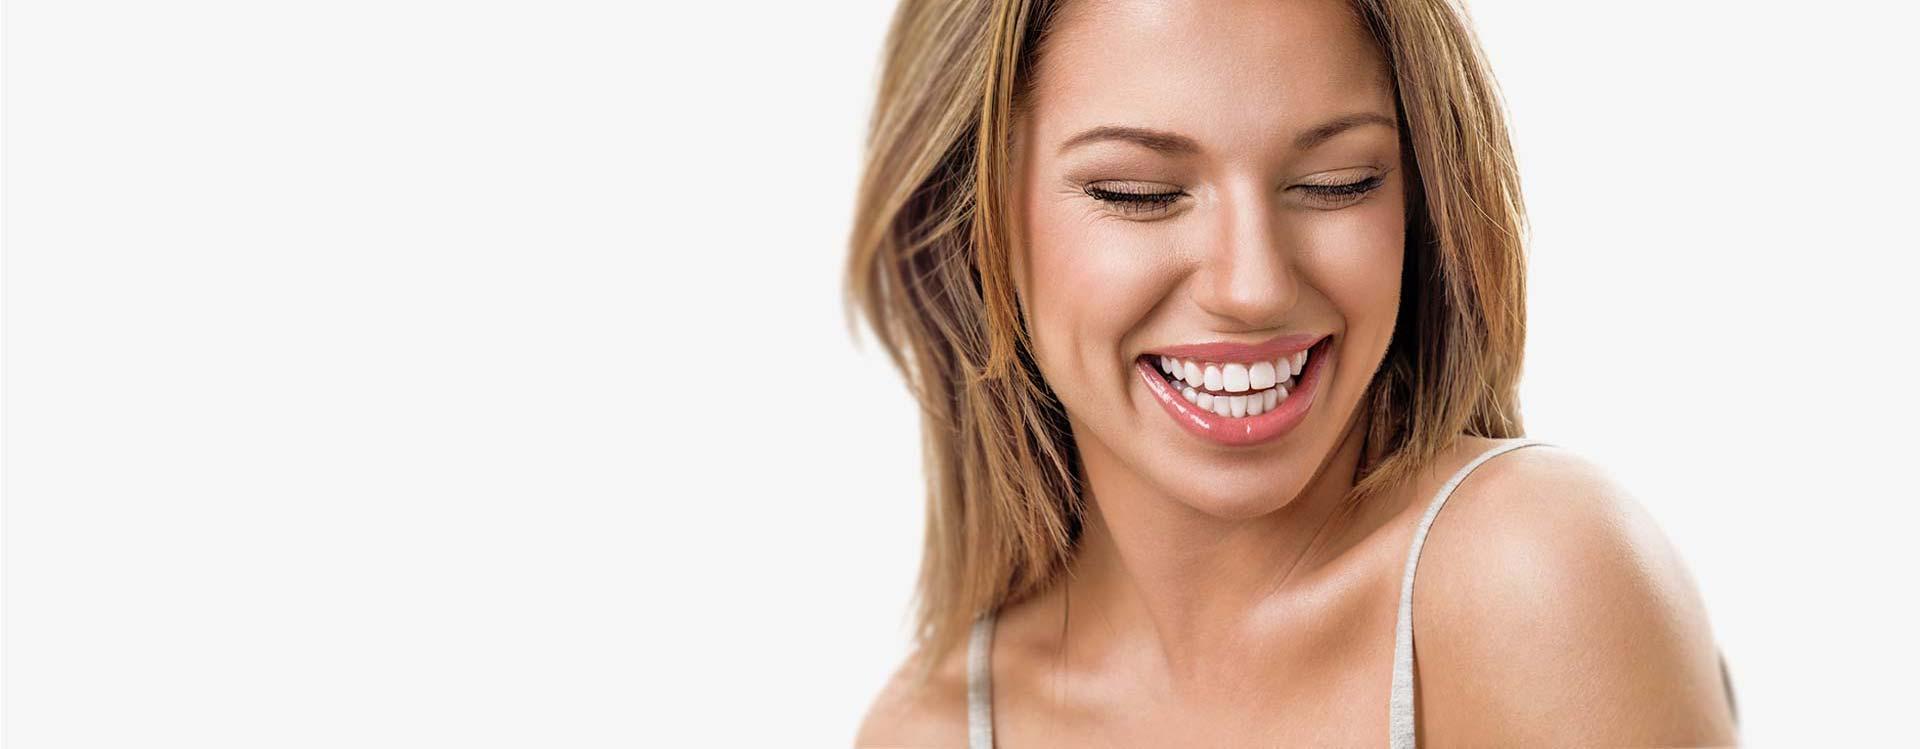 We CreatePerfect Smiles